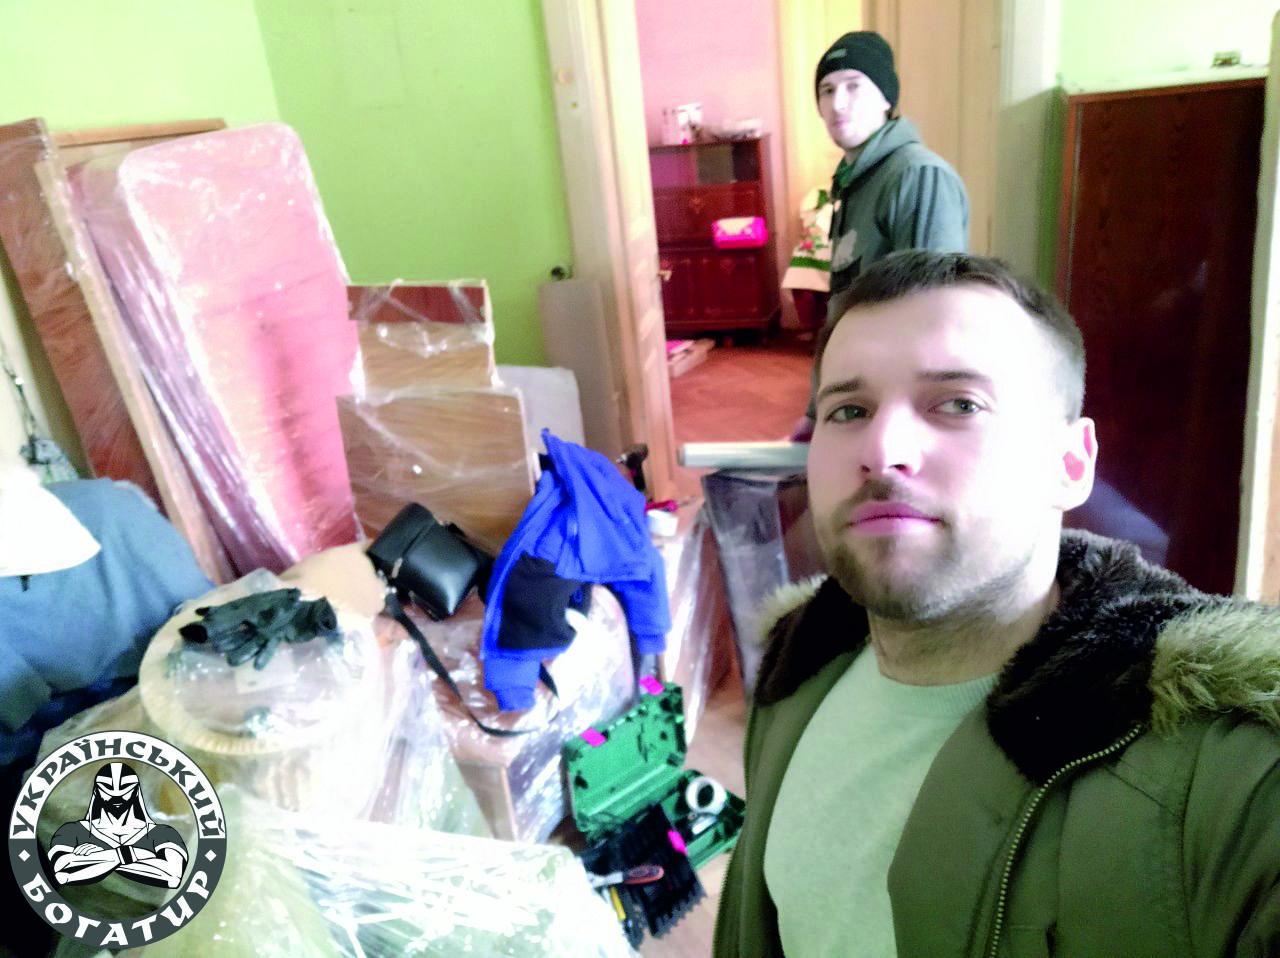 мелкие грузовые перевозки - Украинский Богатырь